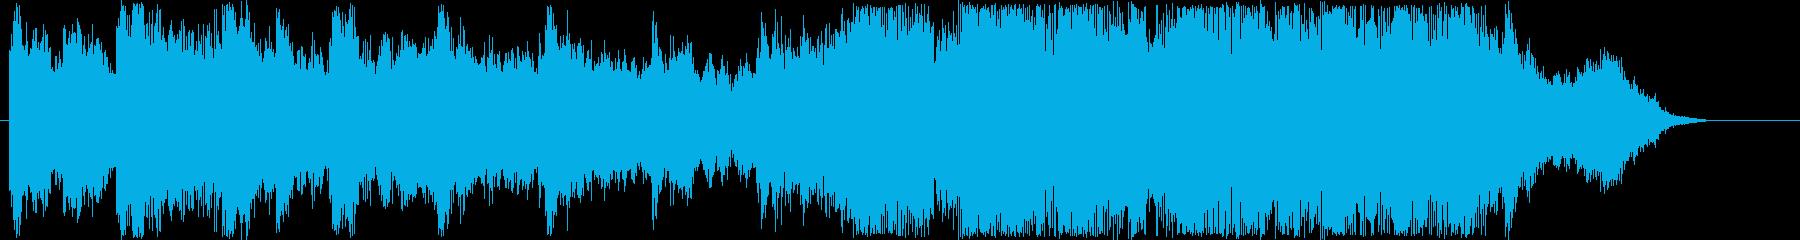 ファンタジーなシンセなどのサウンド短めの再生済みの波形